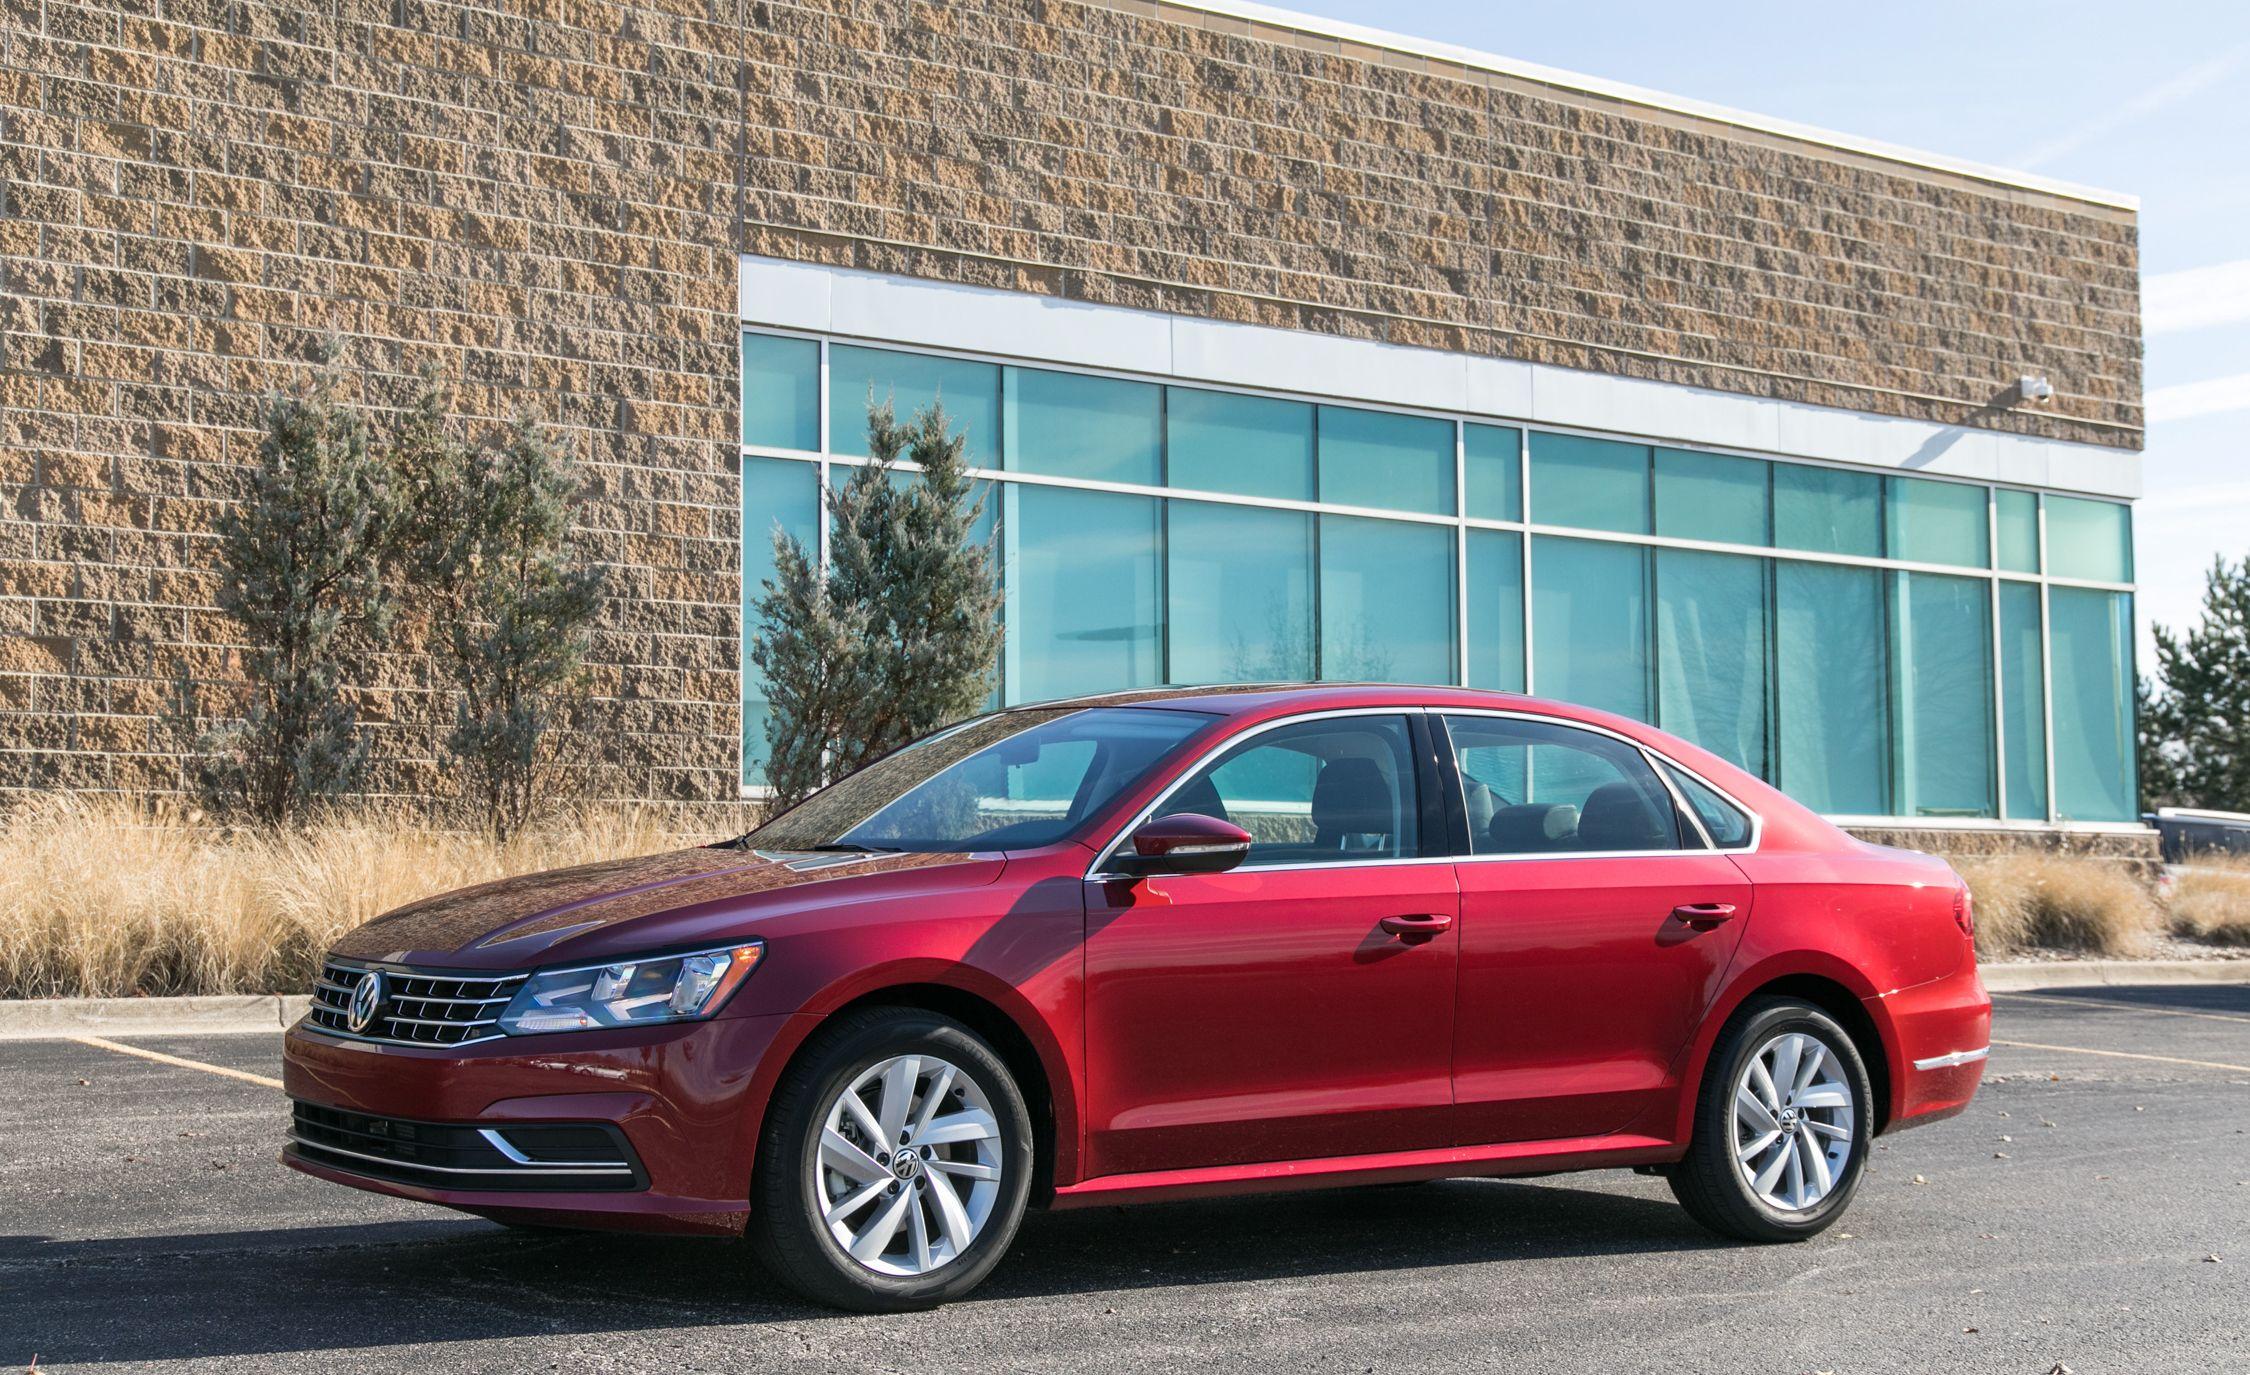 2020 Volkswagen Passat Reviews | Volkswagen Passat Price, Photos, and Specs  | Car and Driver